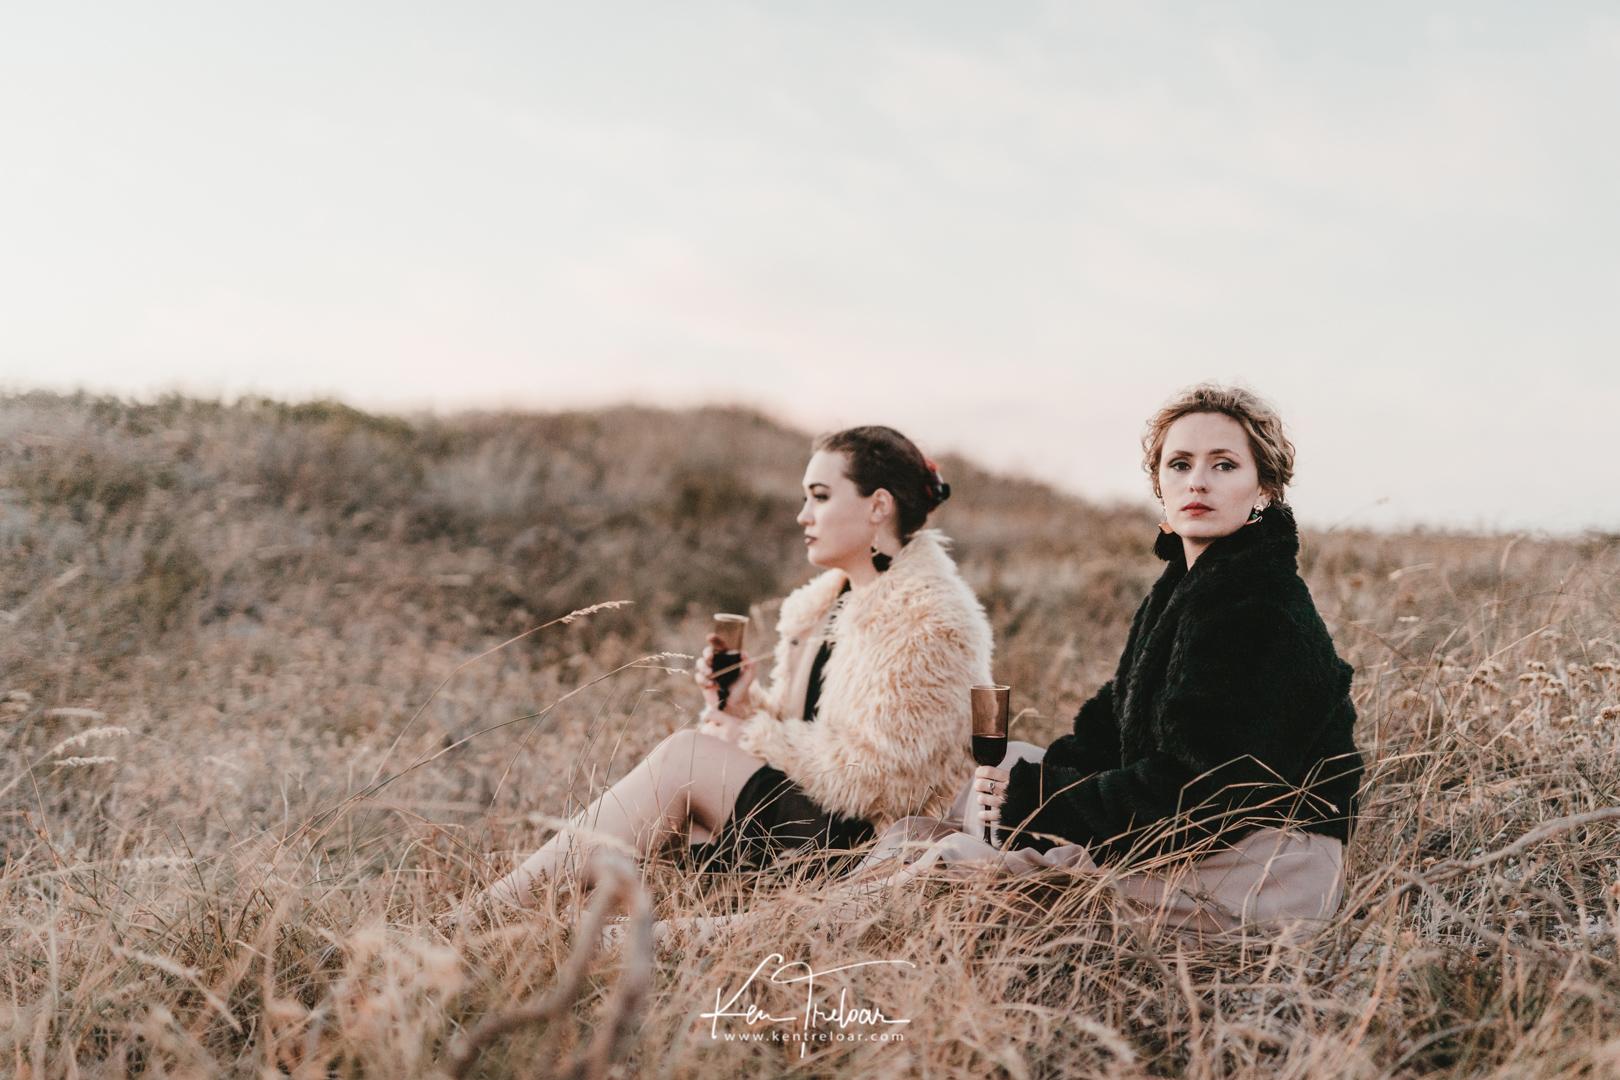 Ken Treloar Photography - Styled Best Friends photoshoot Cape Town B2-10.jpg